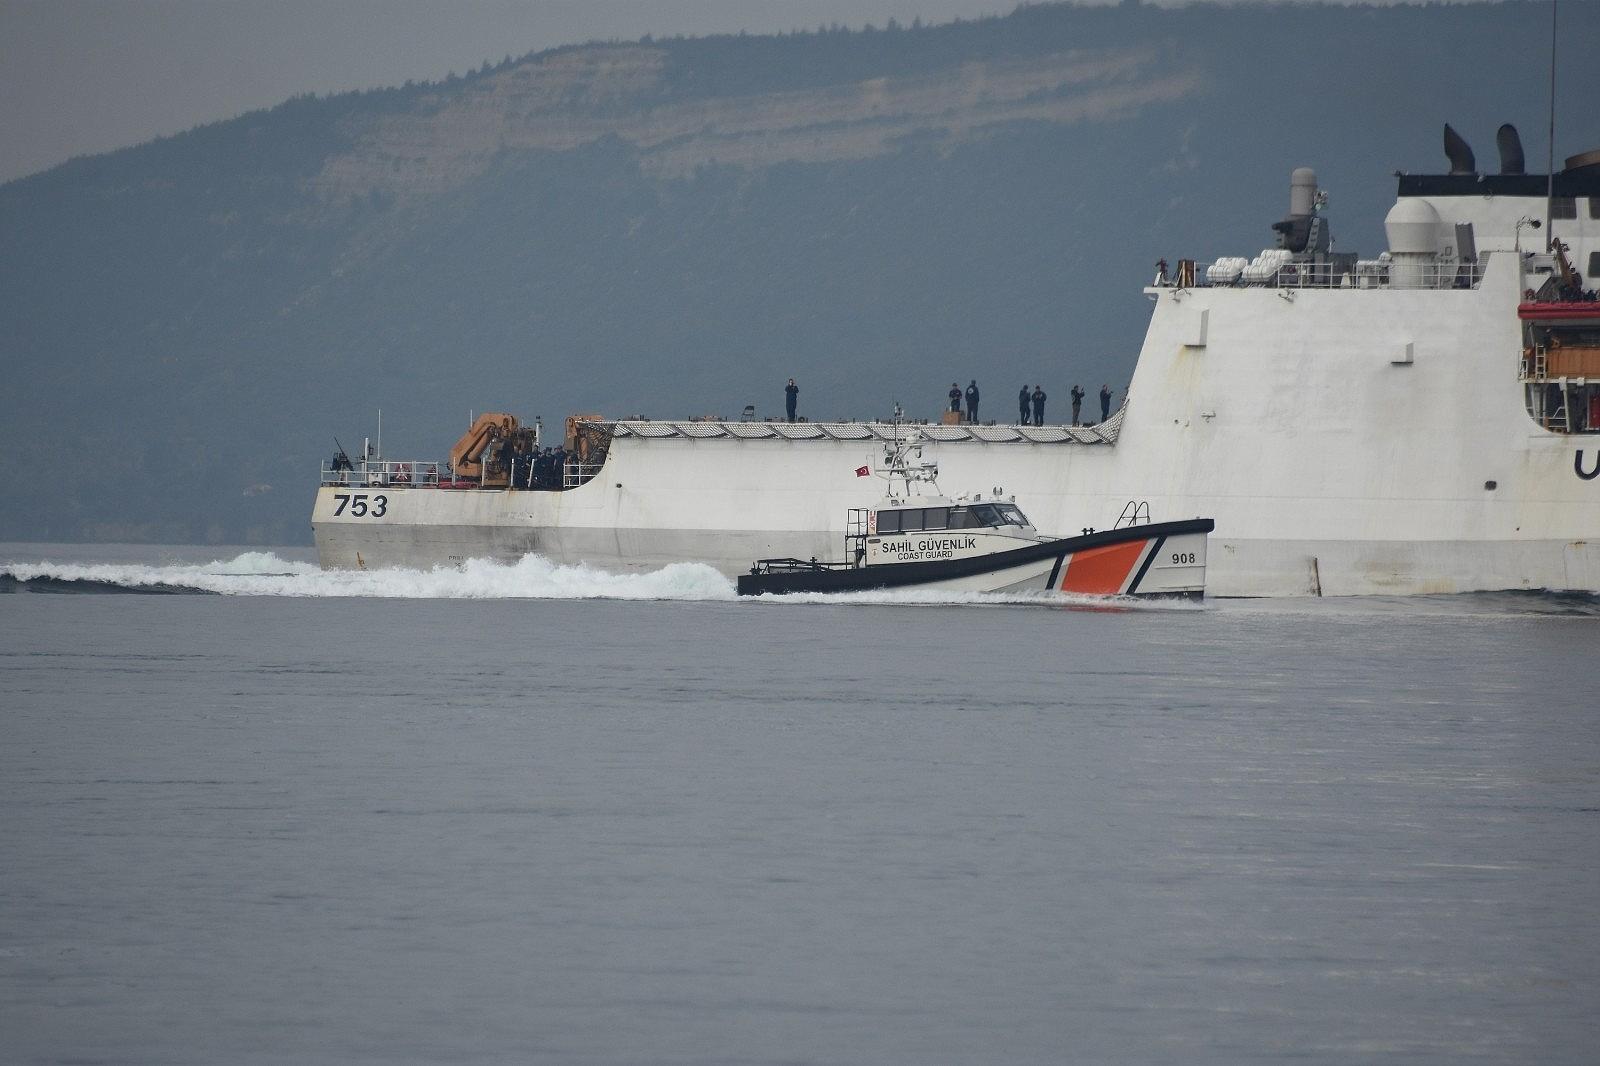 2021/04/abd-sahil-guvenlik-gemisi-canakkale-bogazindan-gecti-20210427AW30-2.jpg